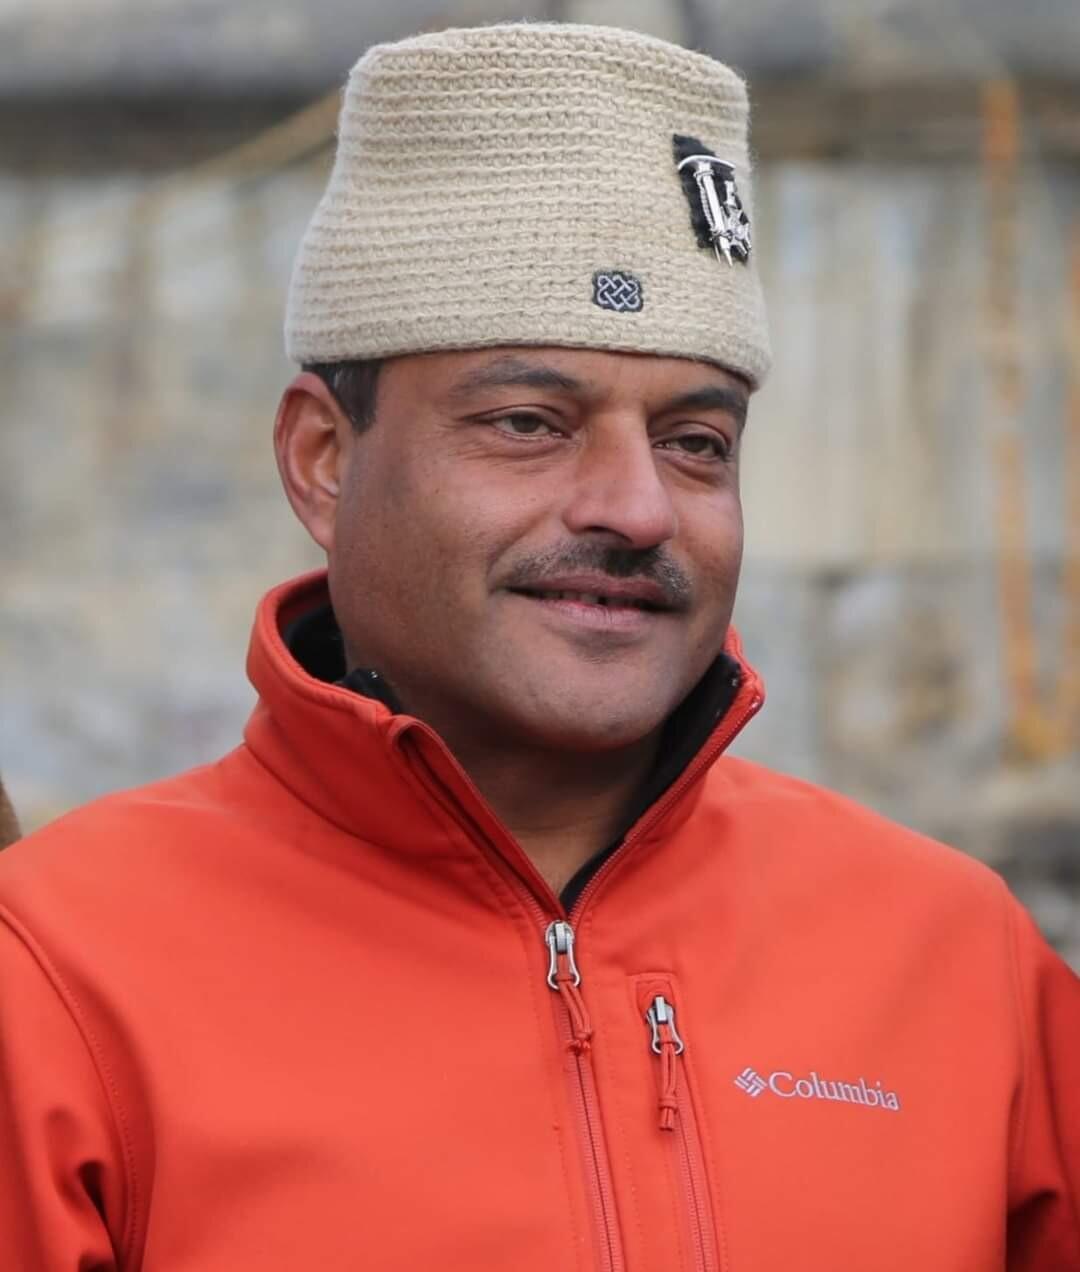 आम आदमी पार्टी में शामिल हुए रिटायर्ड कर्नल अजय कोठियाल